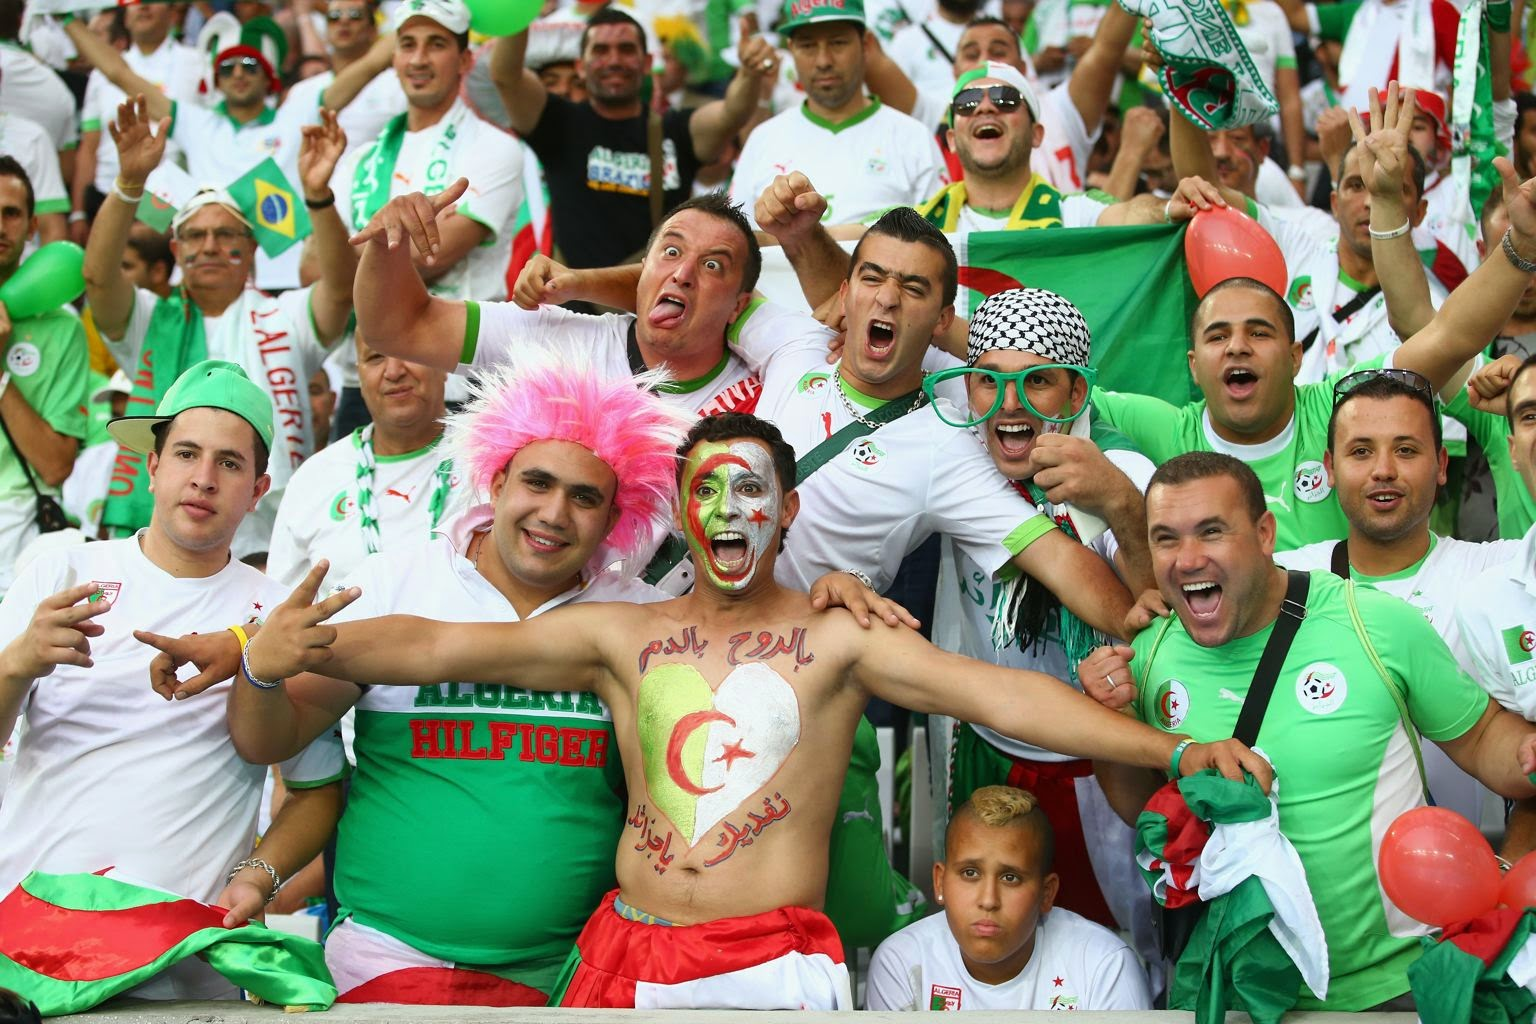 صور صور المنتخب الوطني الجزائري , منتخب بلد المليون شهيد